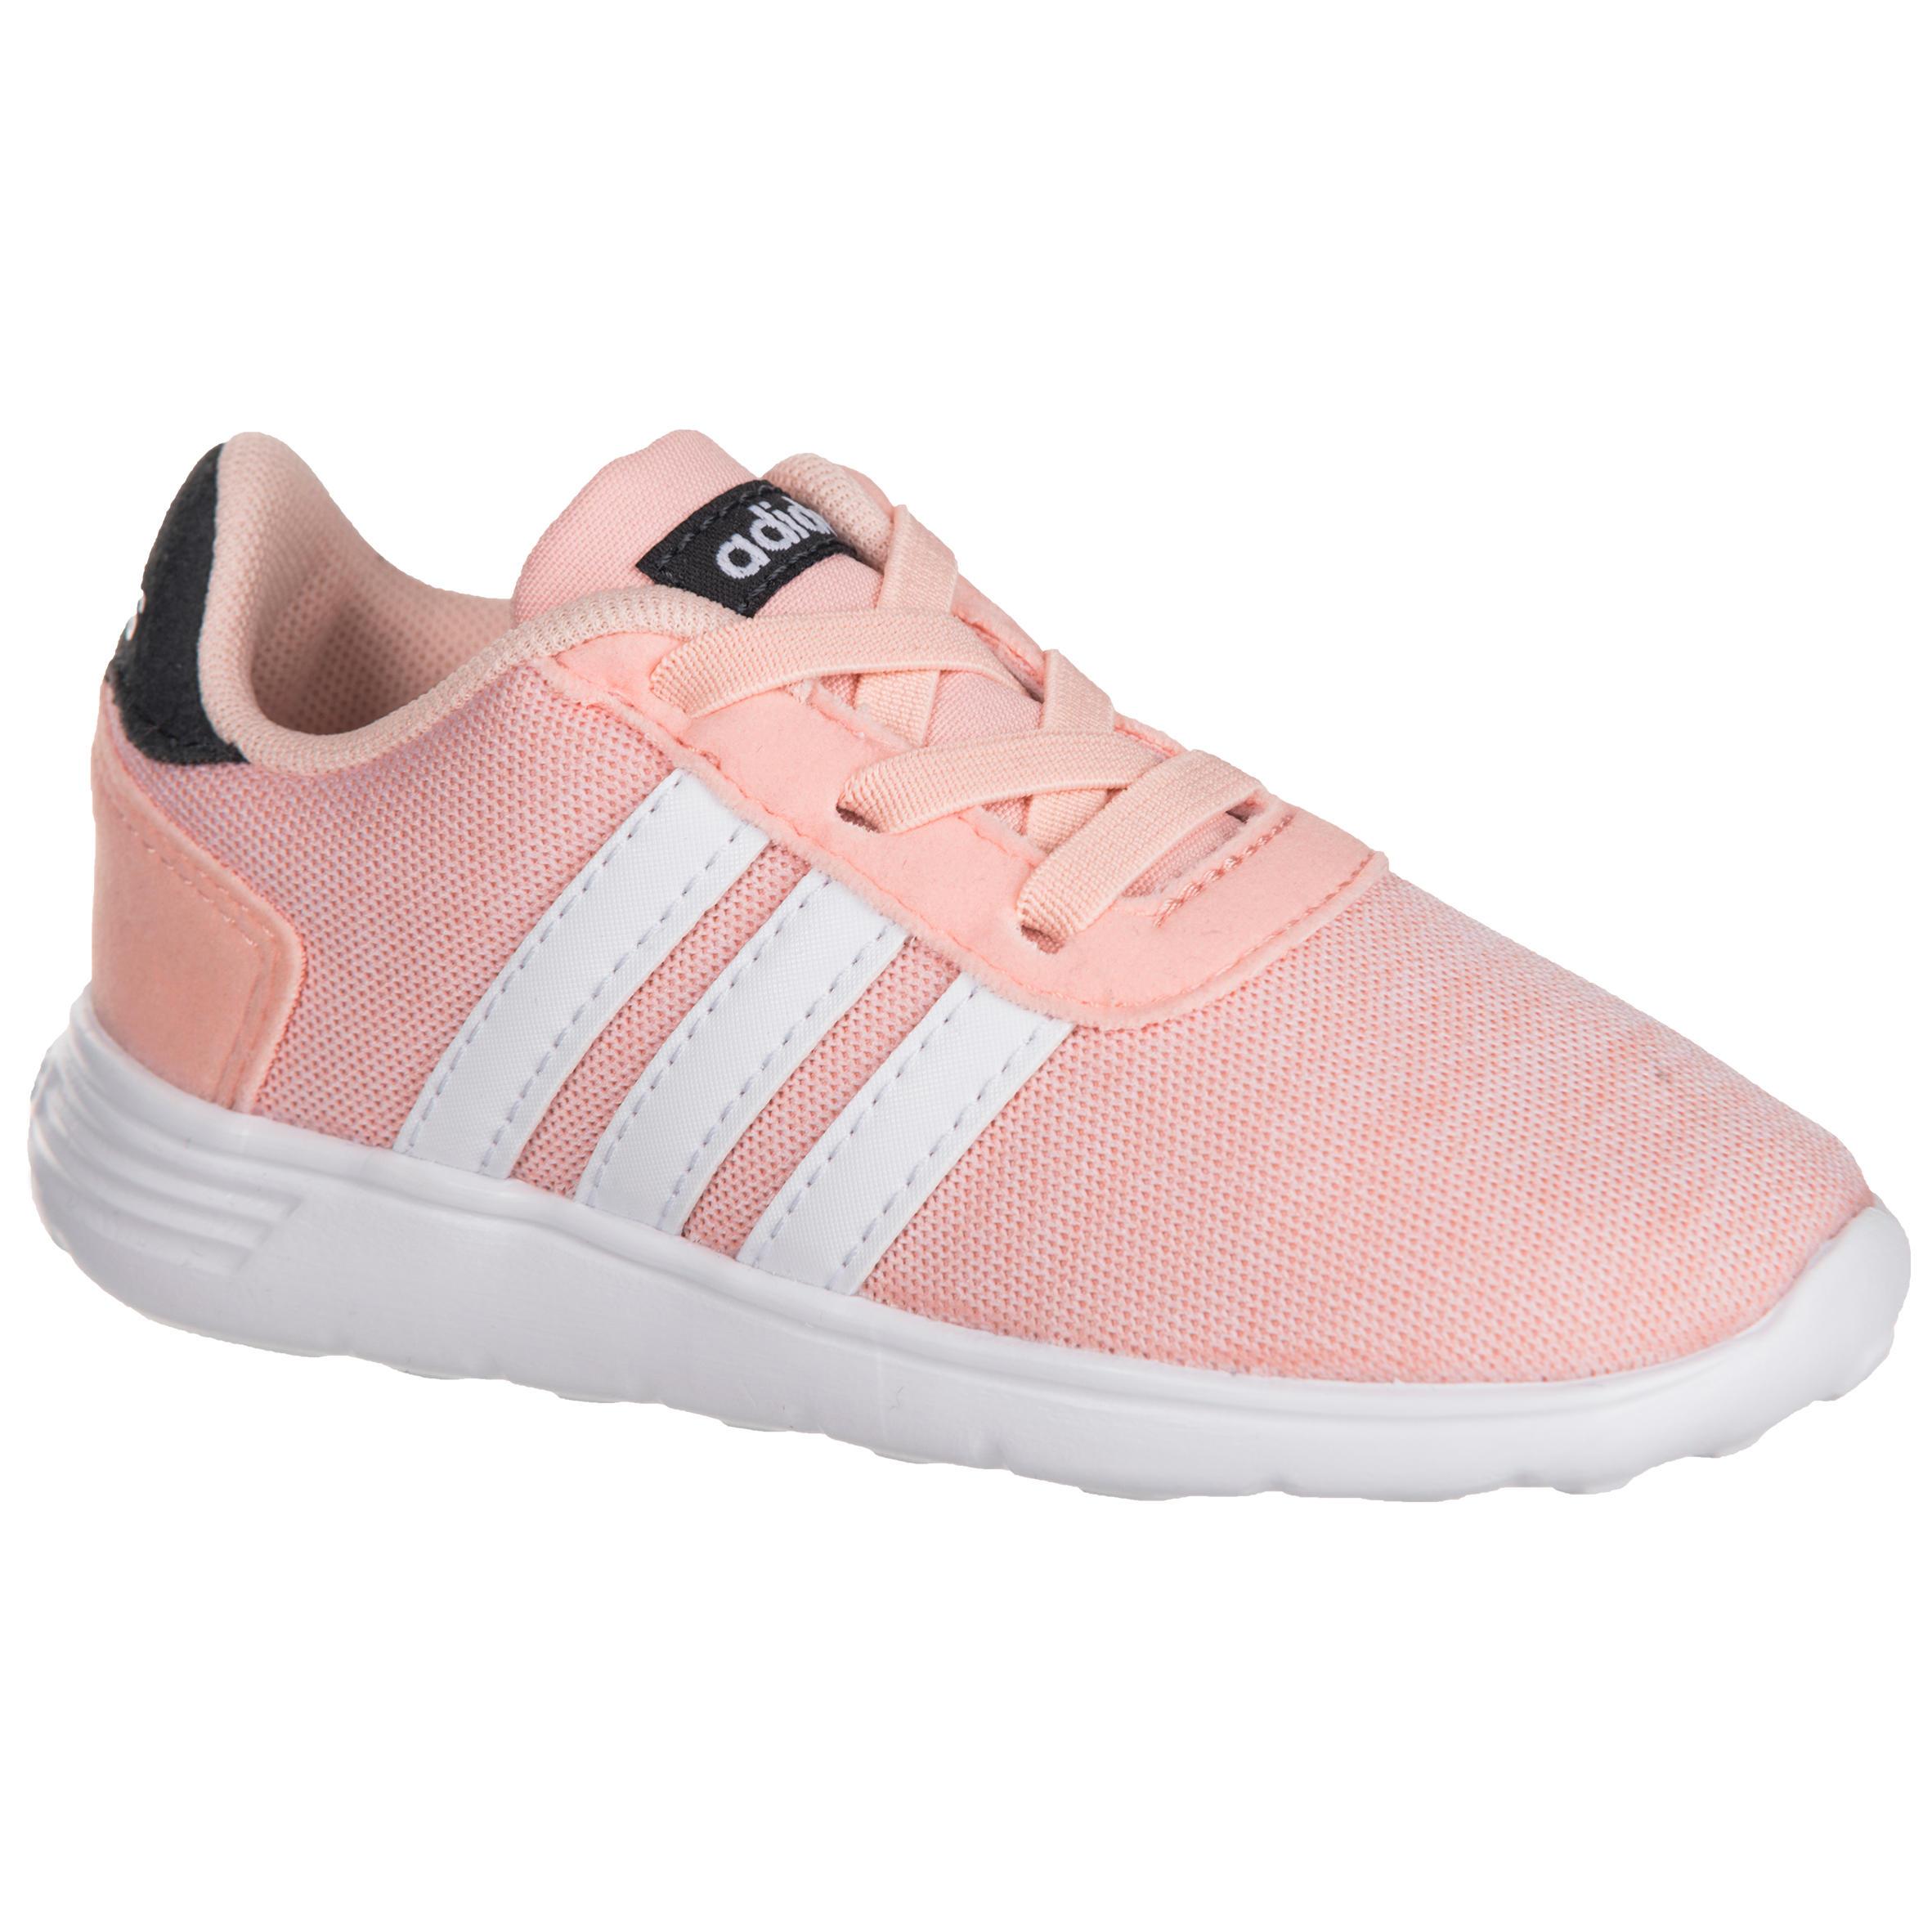 293beada1d4 Kinder sneakers kopen? | Decathlon.nl